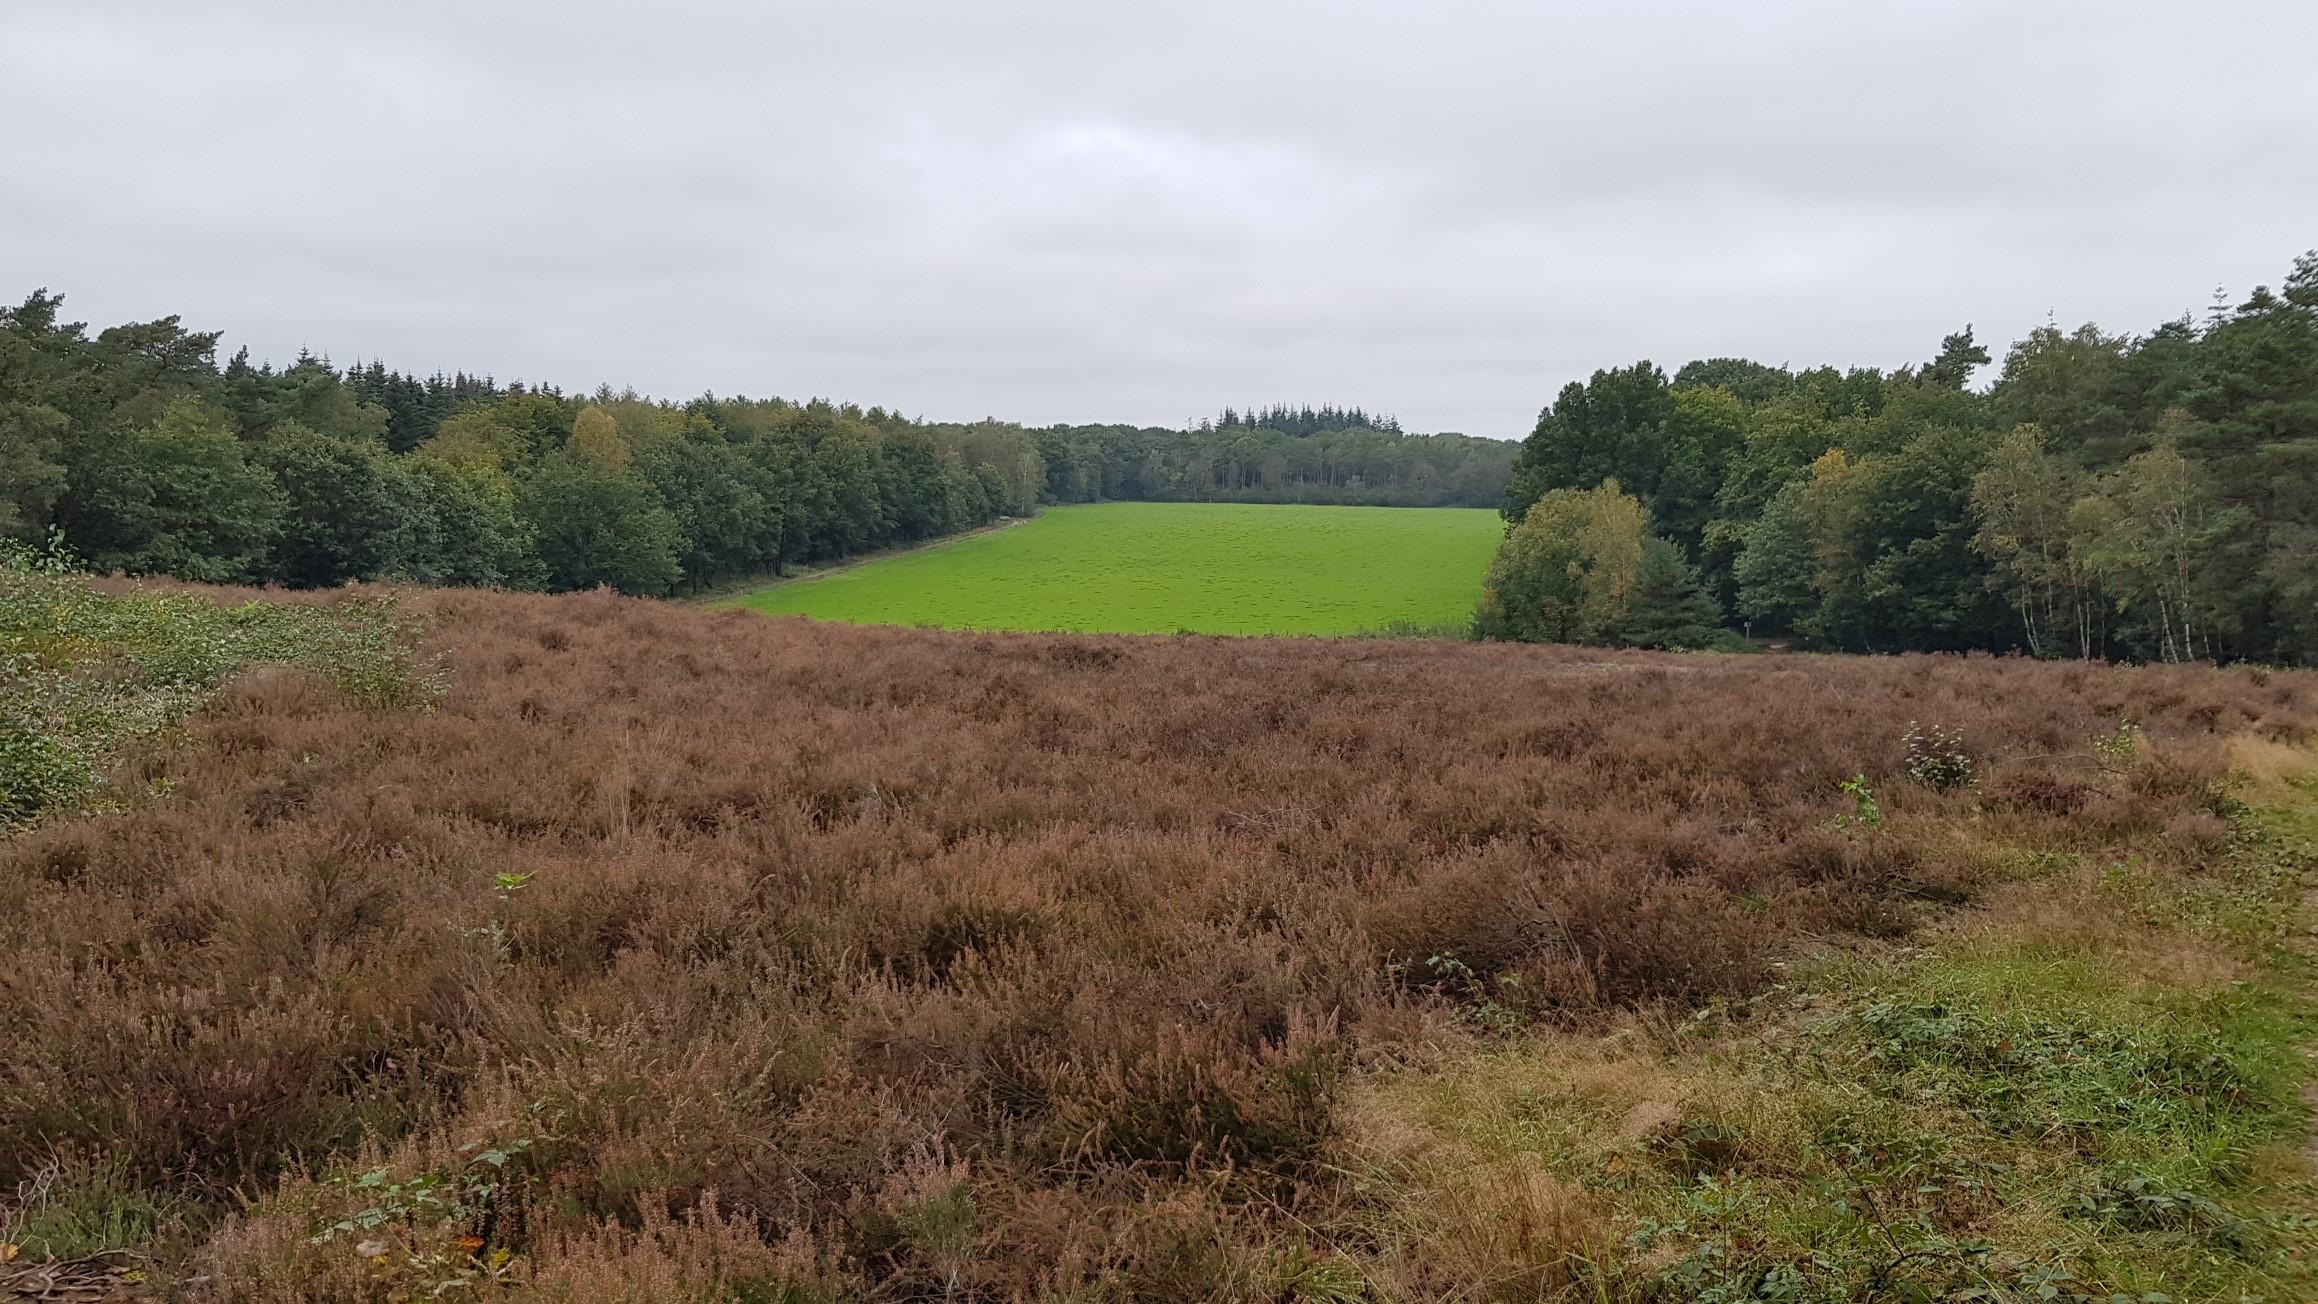 Neerlands Midden